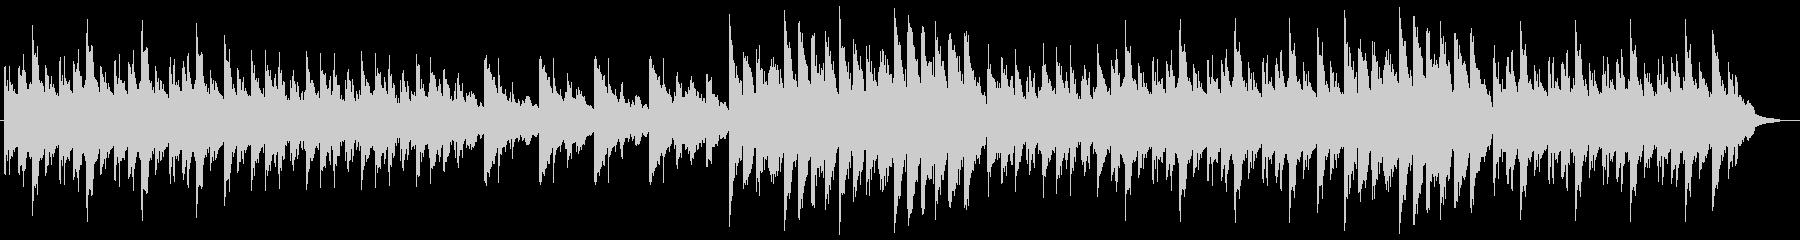 切なく感動的なピアノバラードの未再生の波形